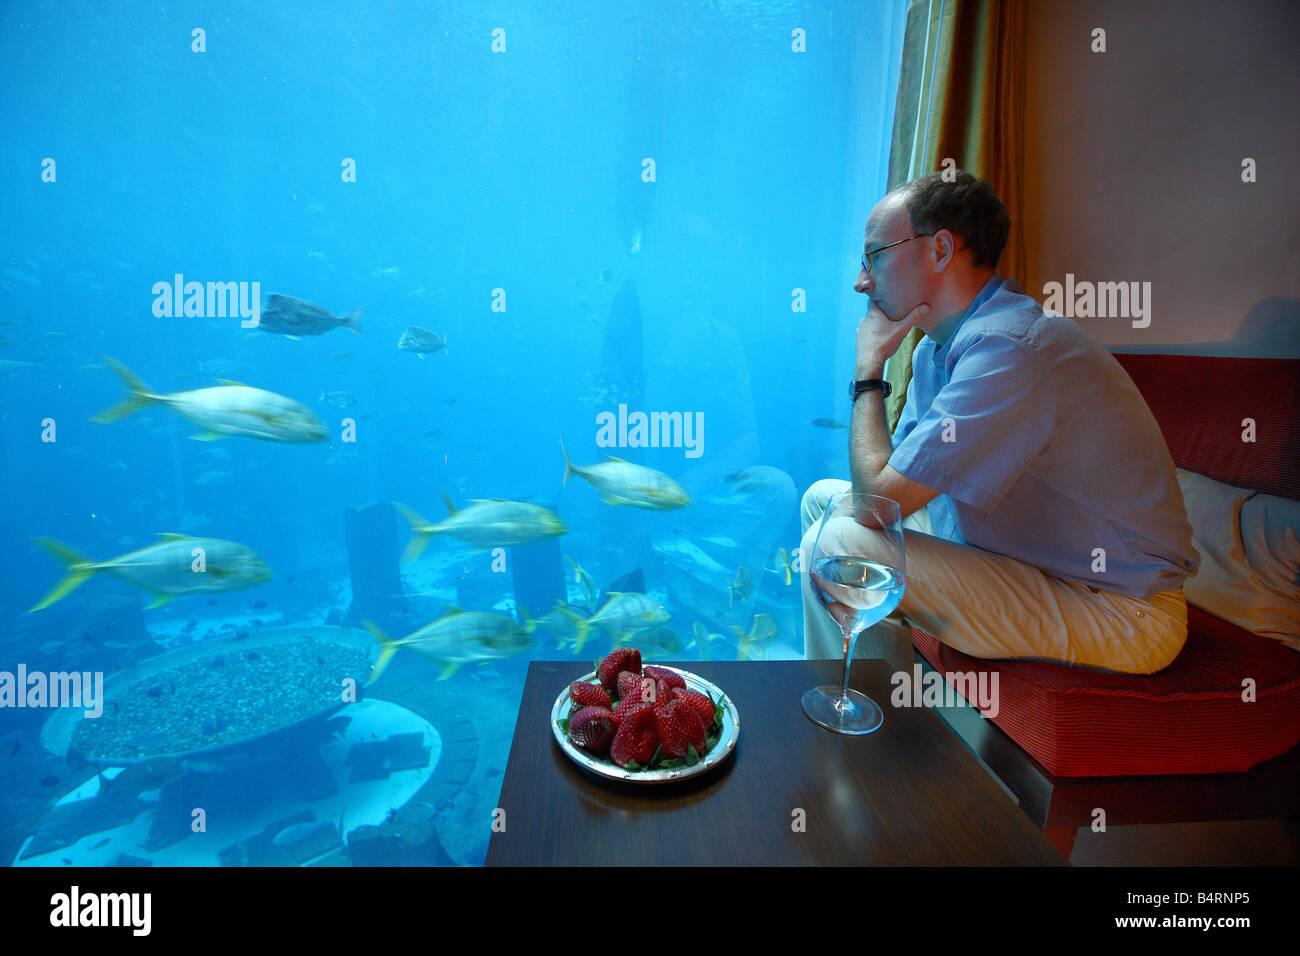 Atlantis Hotel The Palm Dubai United Arab Emirates Underwater Suite With View Of Ambassadro Lagoon Aquarium